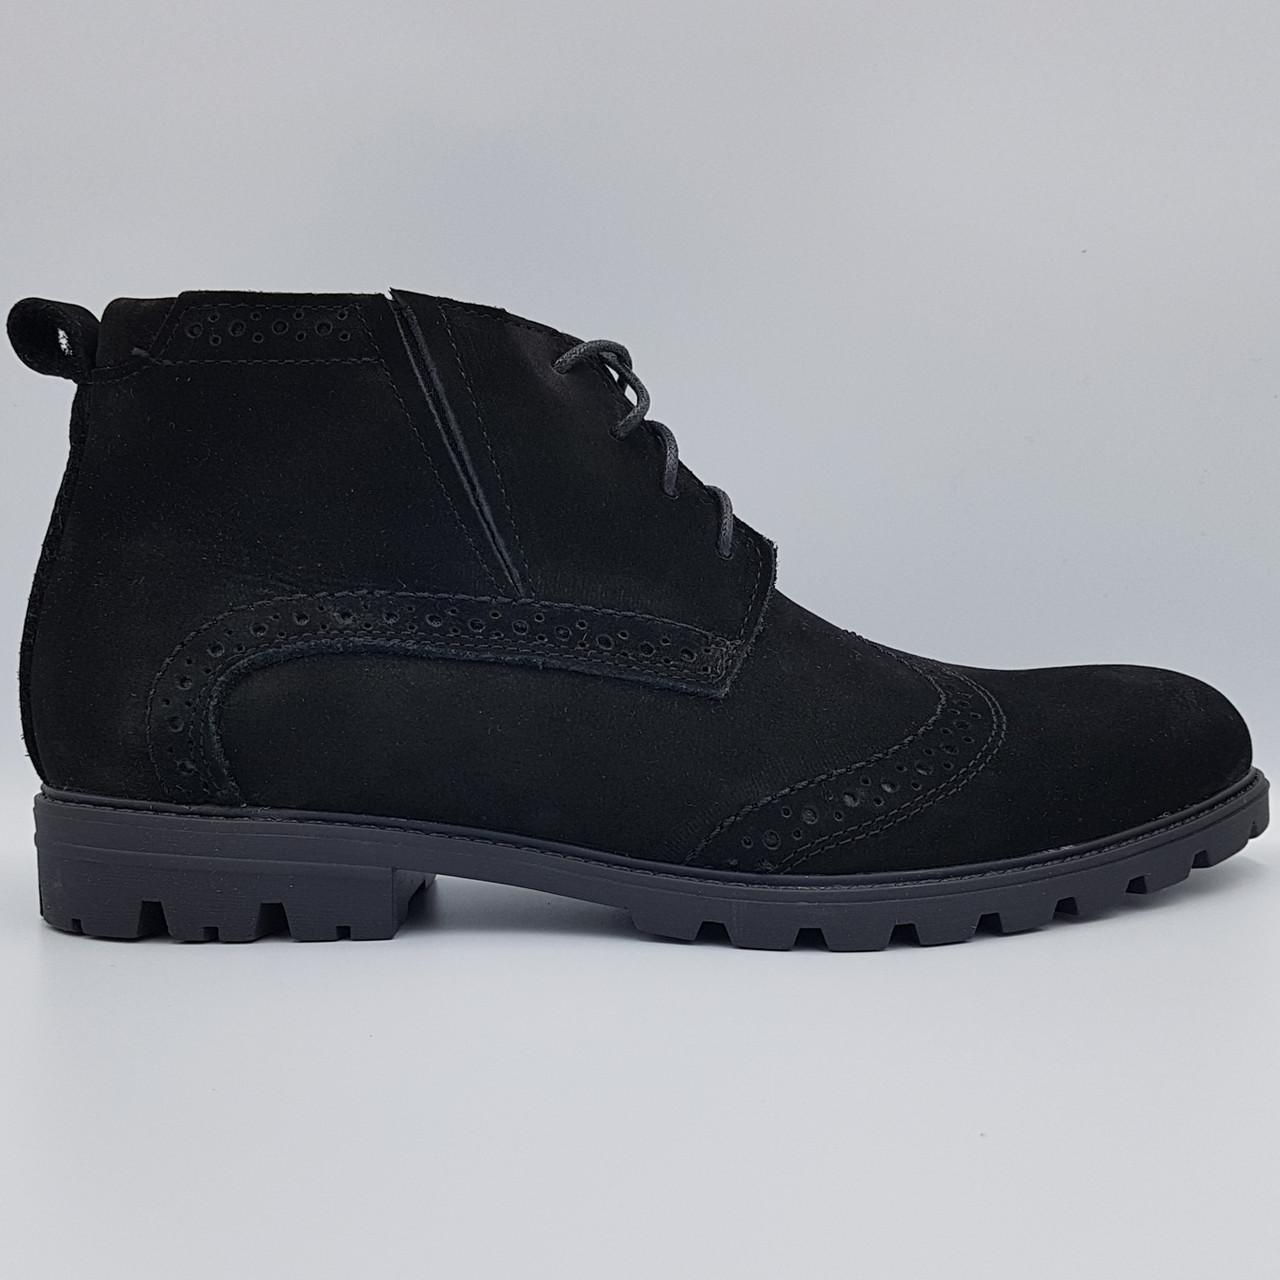 Зимние замшевые мужские ботинки Dan Shoes черные на меху B0032/32